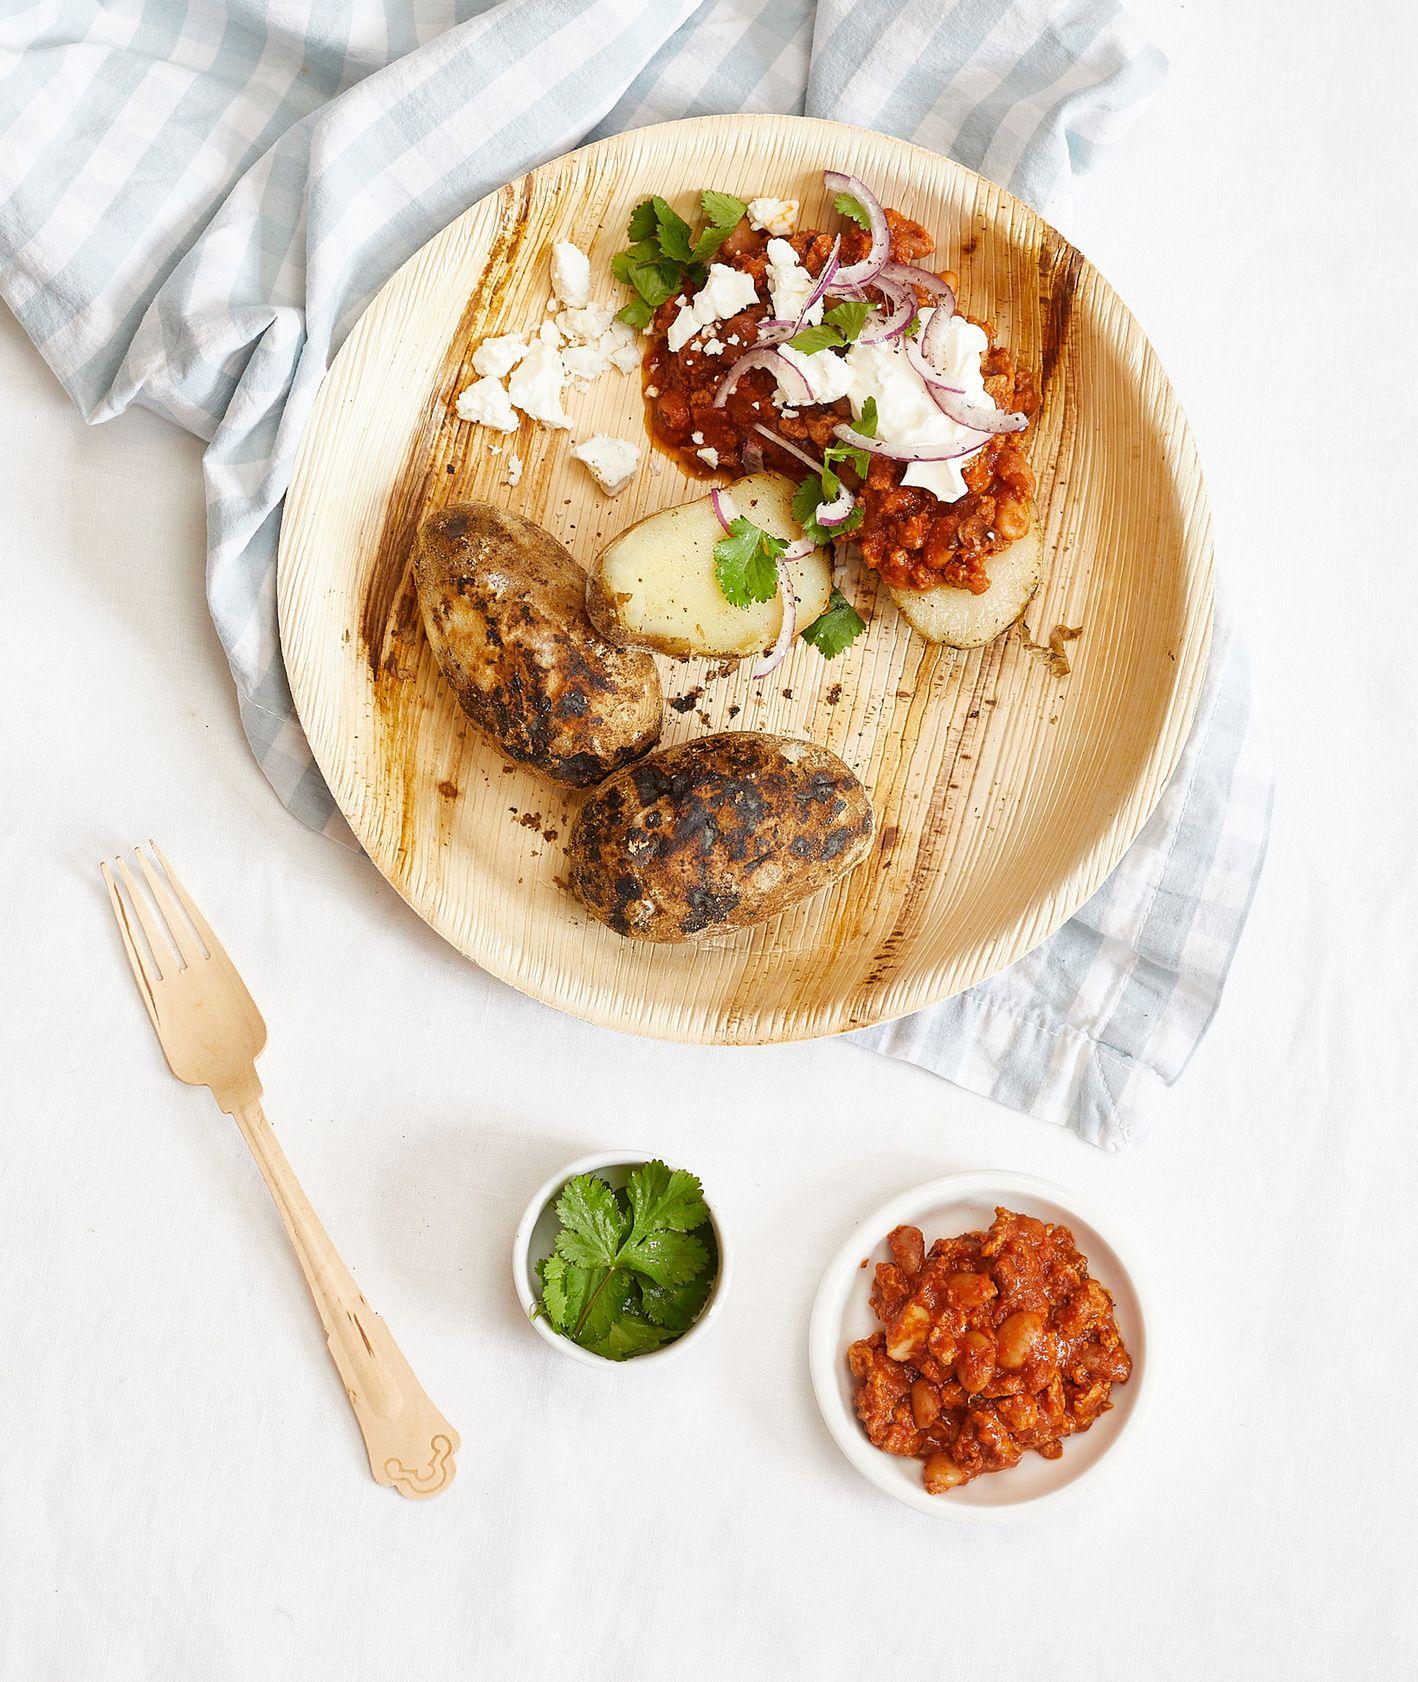 Przepis – pieczone w ognisku ziemniaki z chili, łatwy przepis (fot. Maciek Niemojewski)